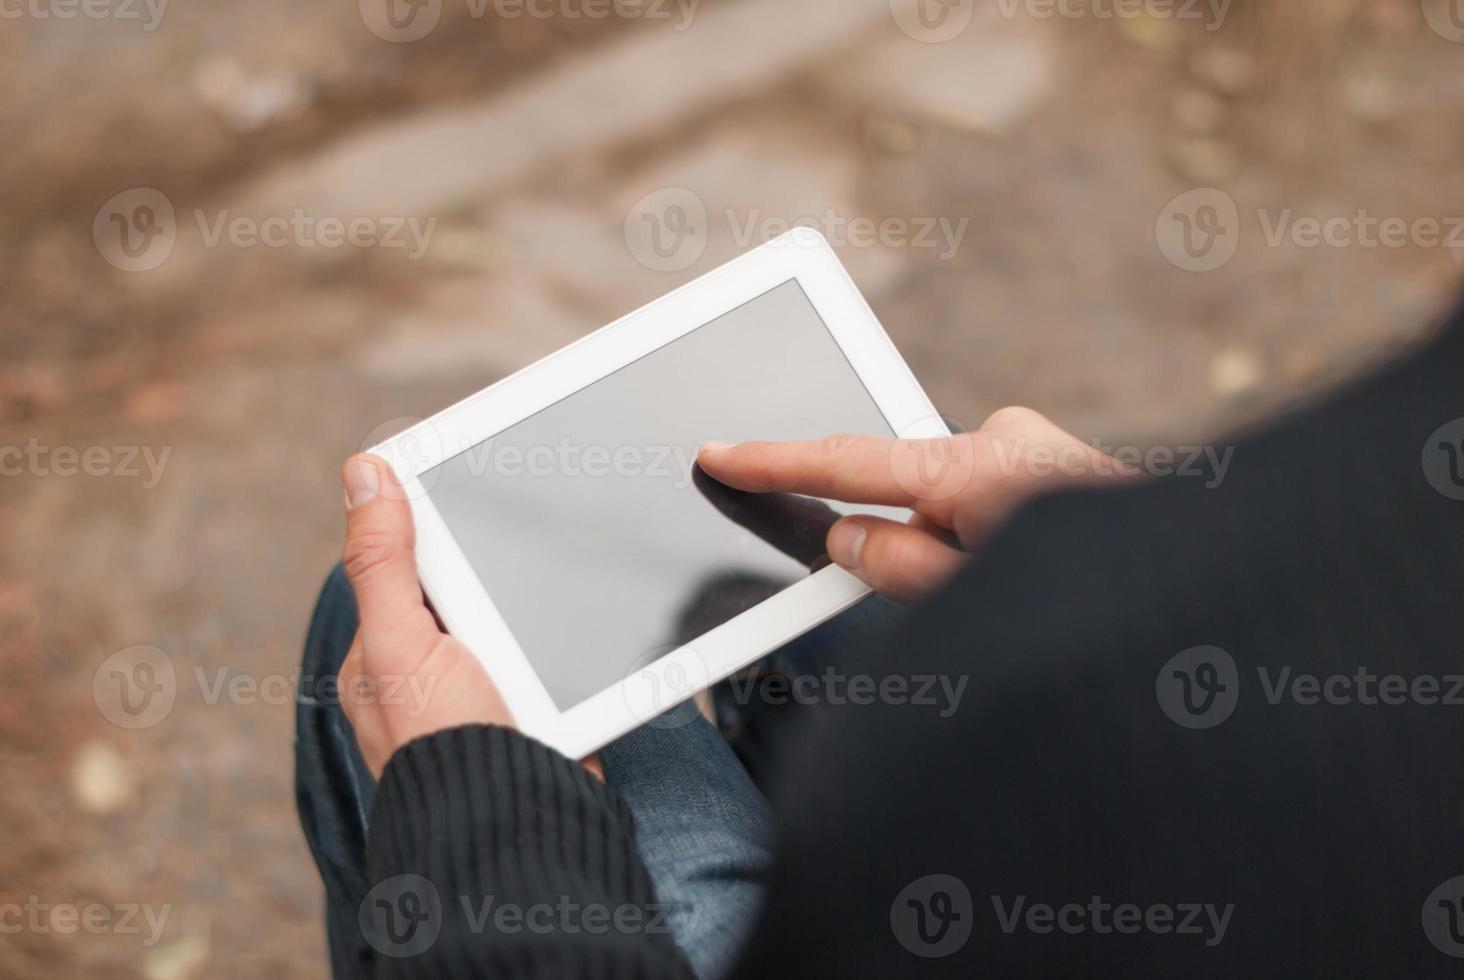 homem com computador tablet nas mãos de close-up. foto